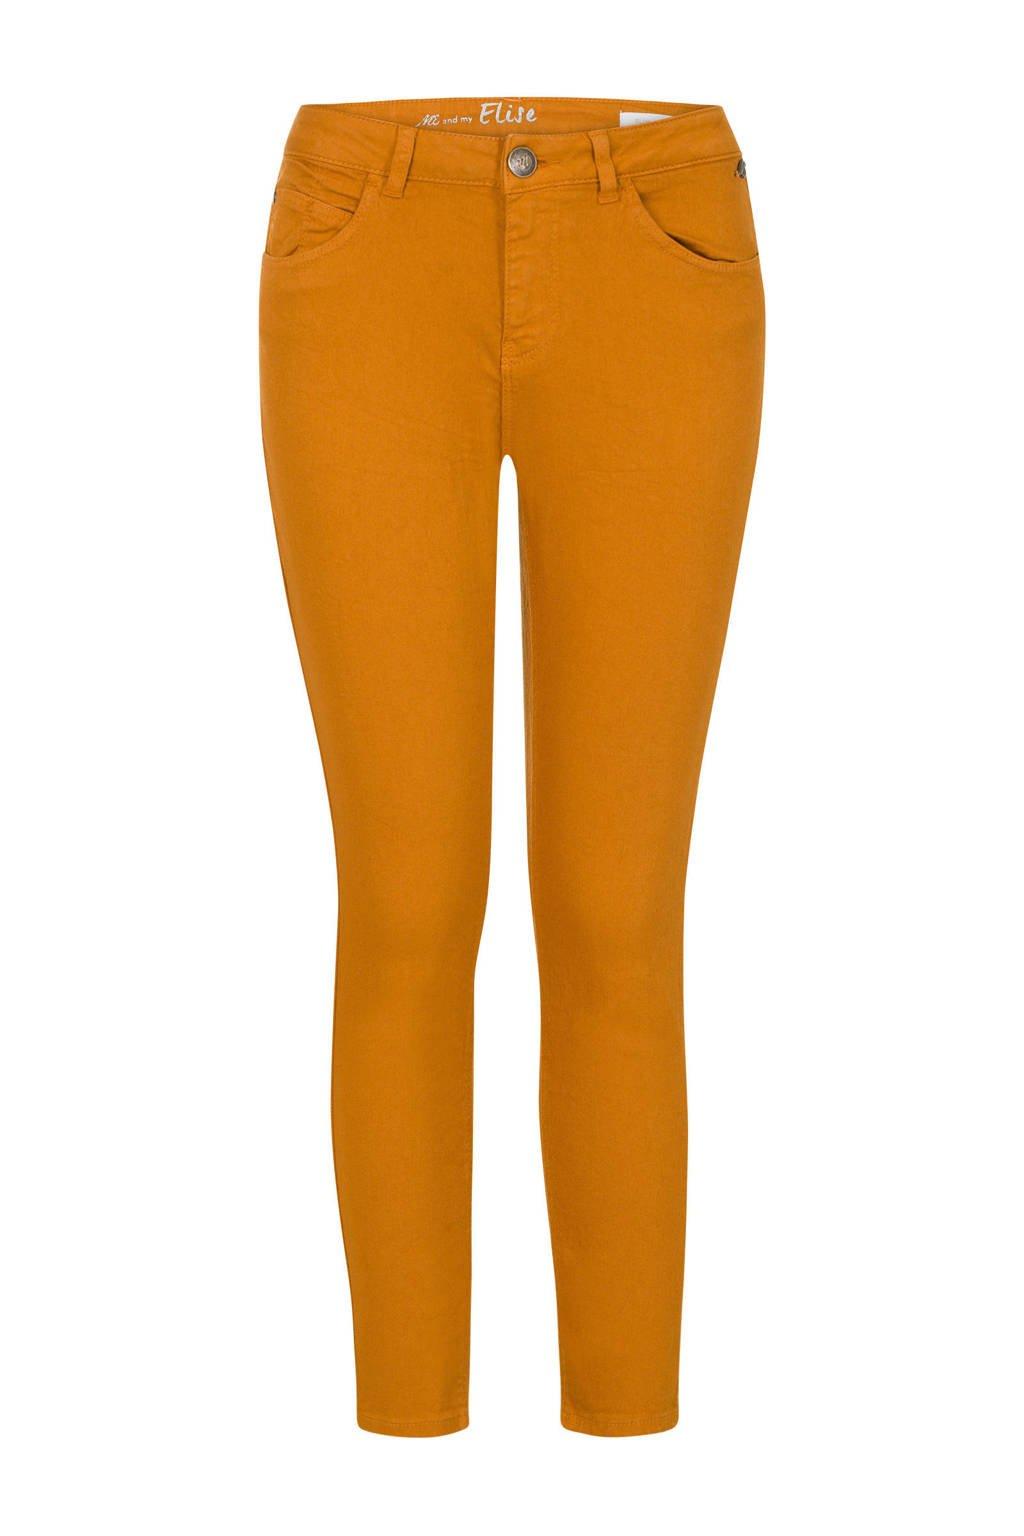 Miss Etam Regulier slim fit broek licht oranje, Licht oranje